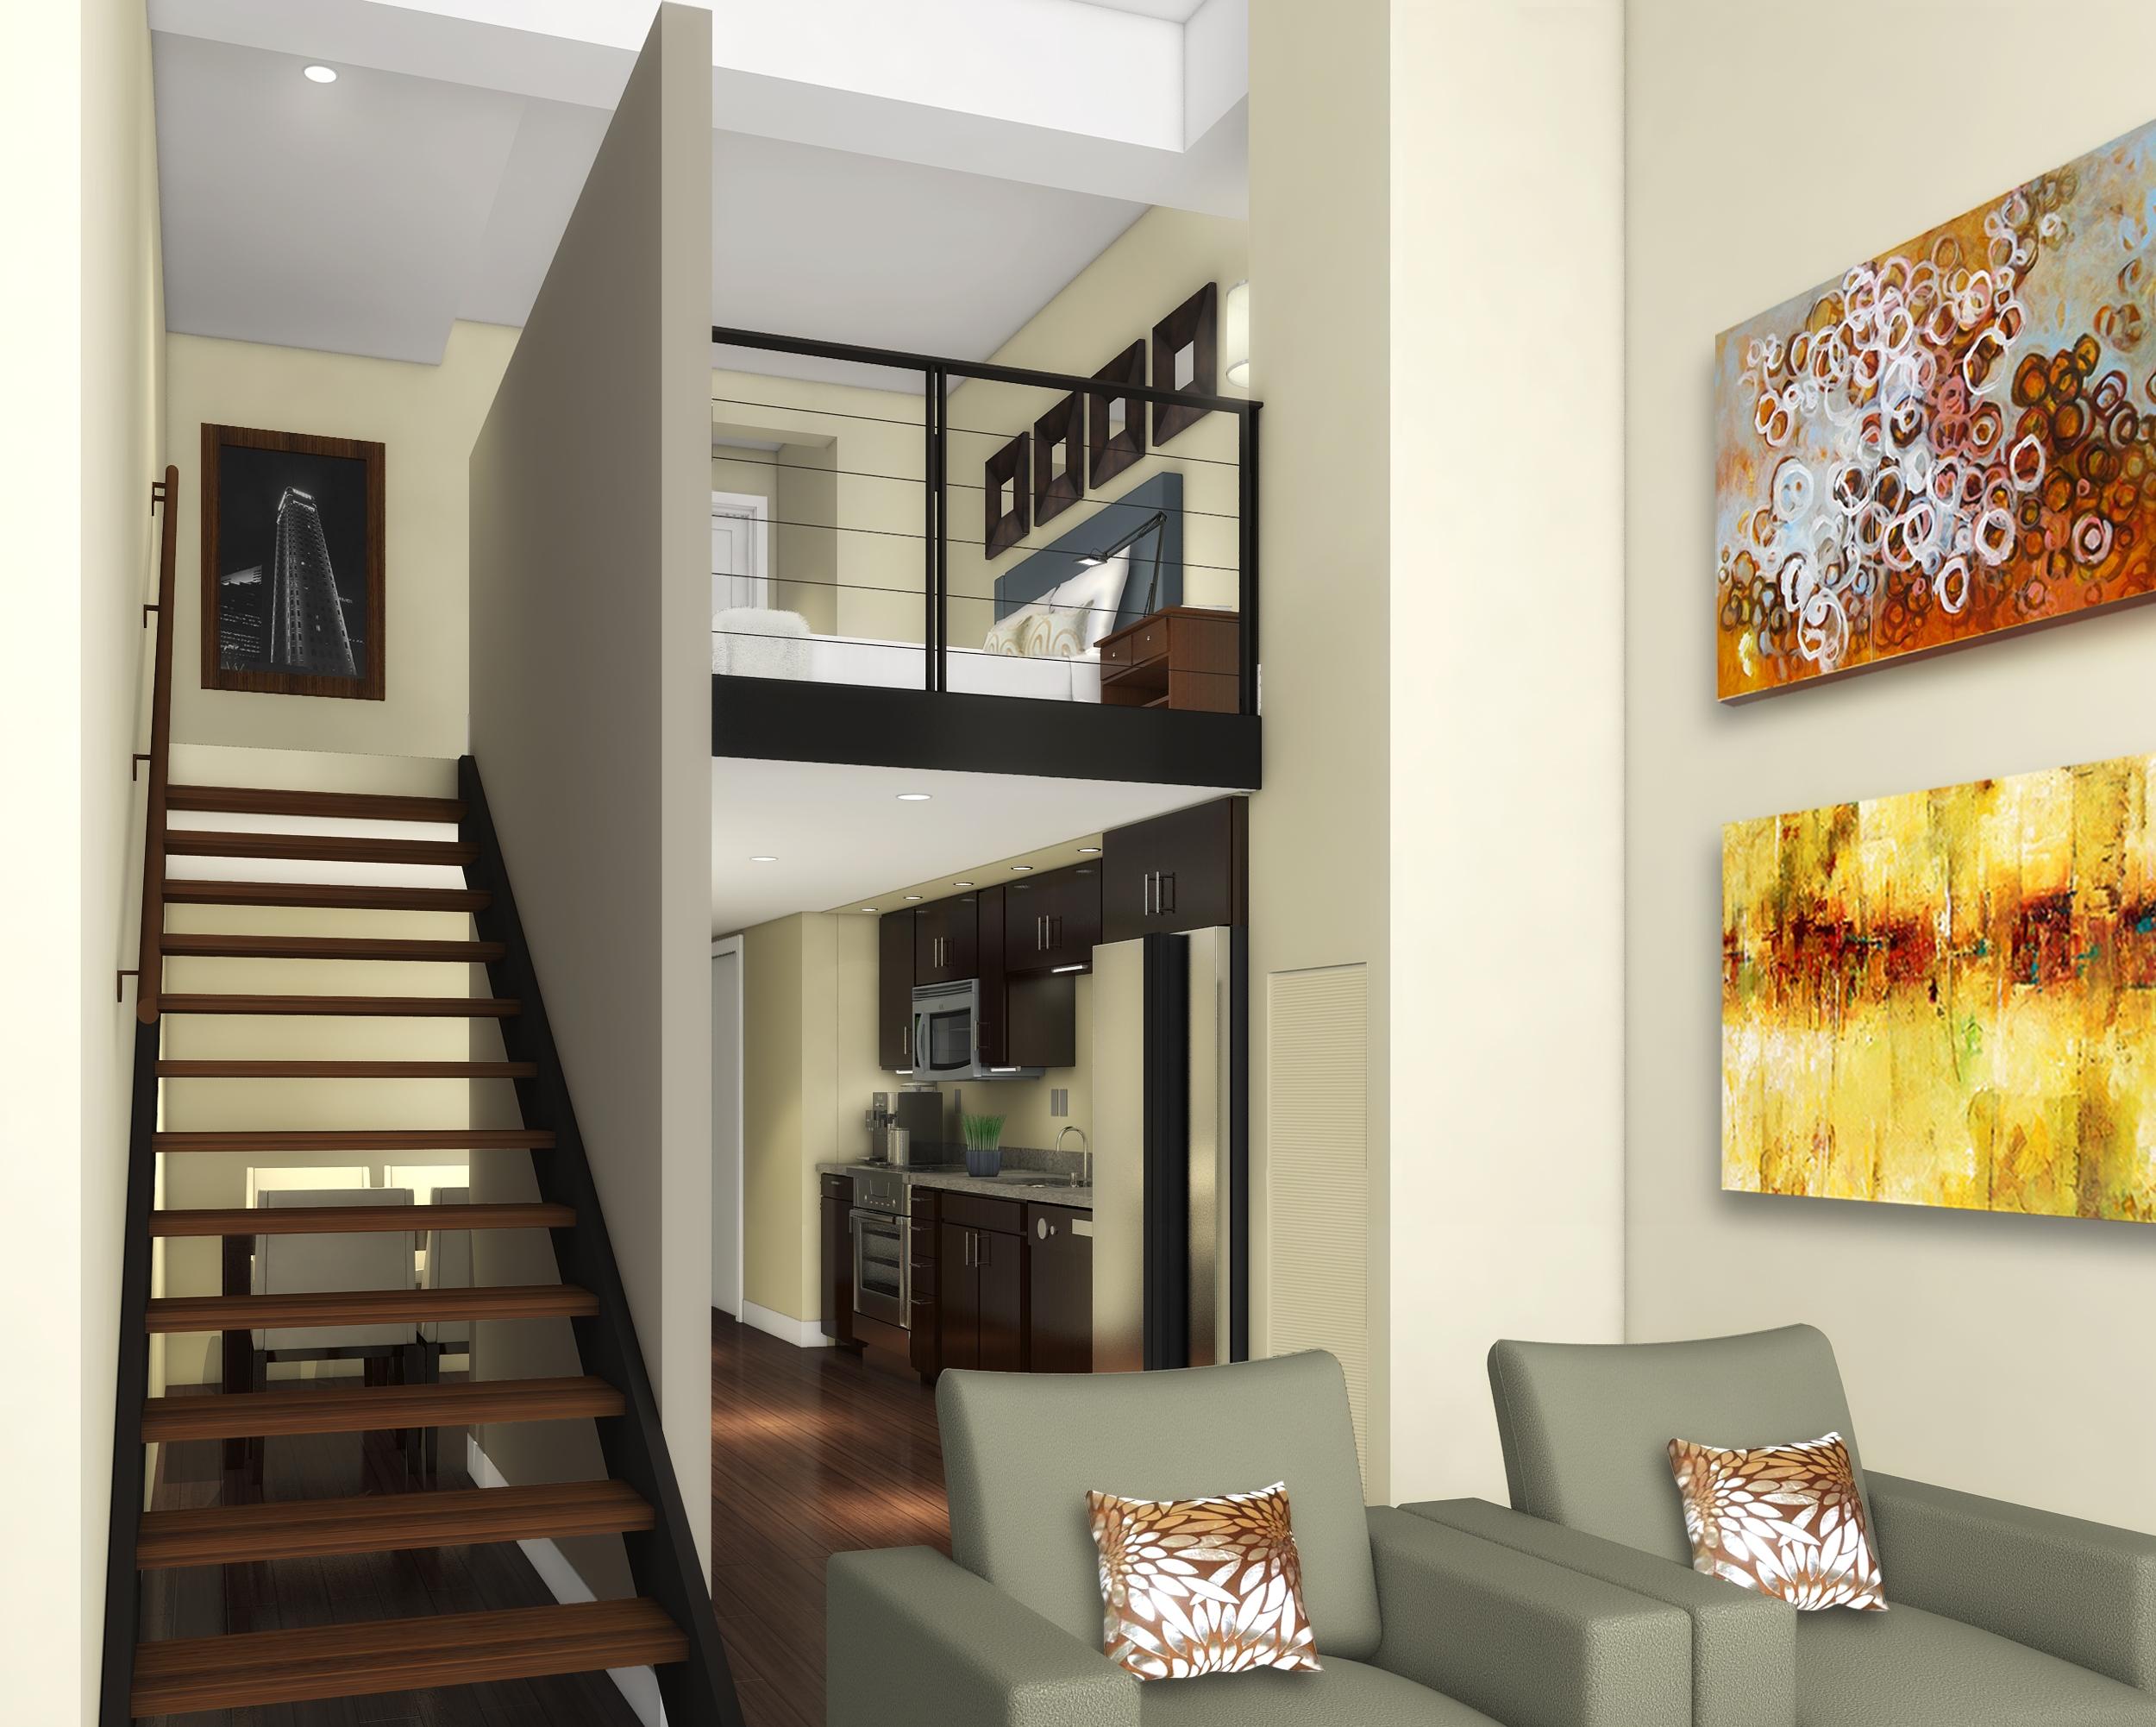 Dream home lofts on pinterest park model homes loft for Loft in house